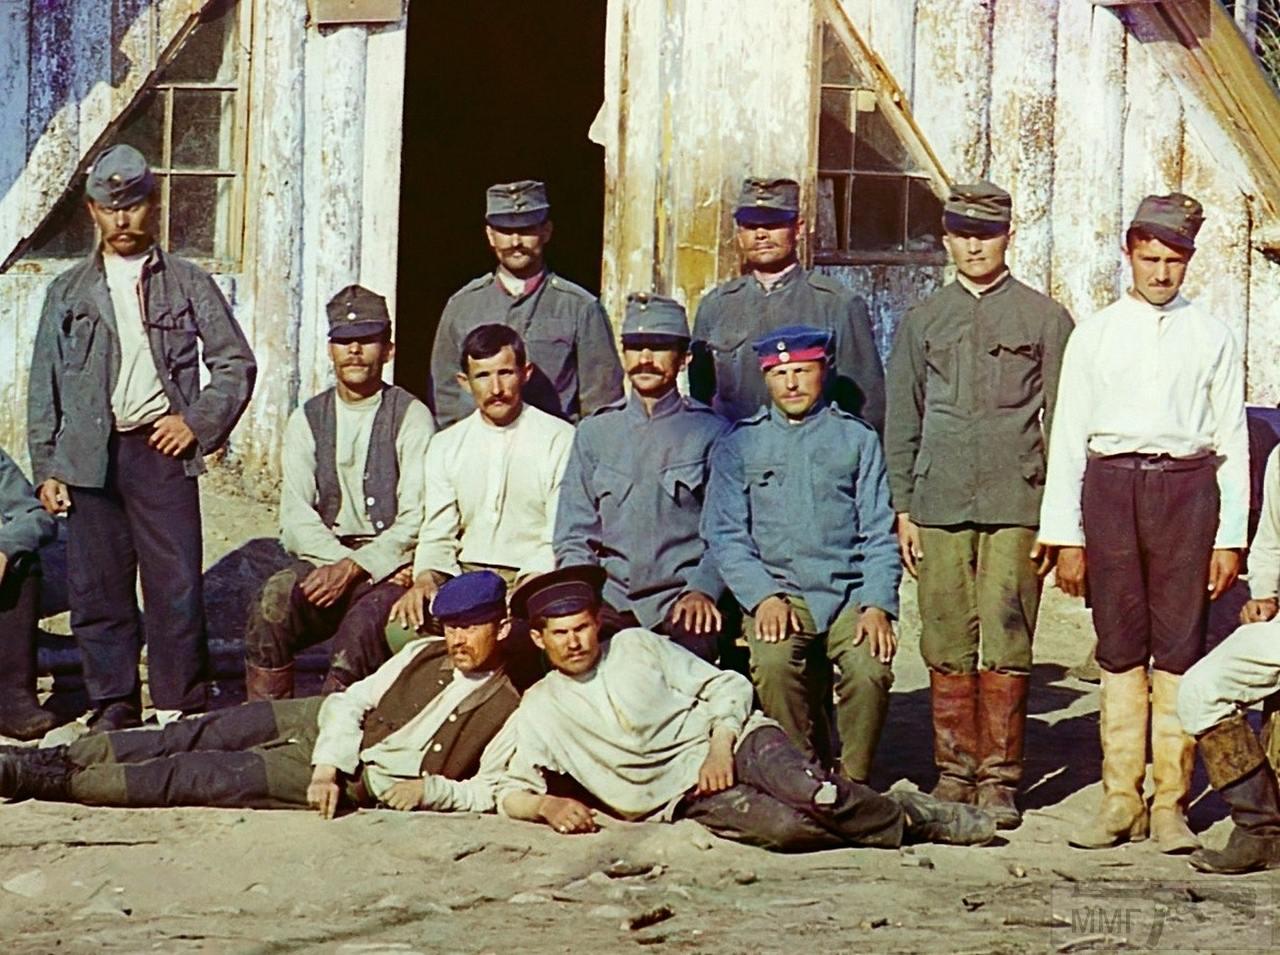 71652 - Военнопленные австрийцы у барака около станции Кивач в Петрозаводском уезде